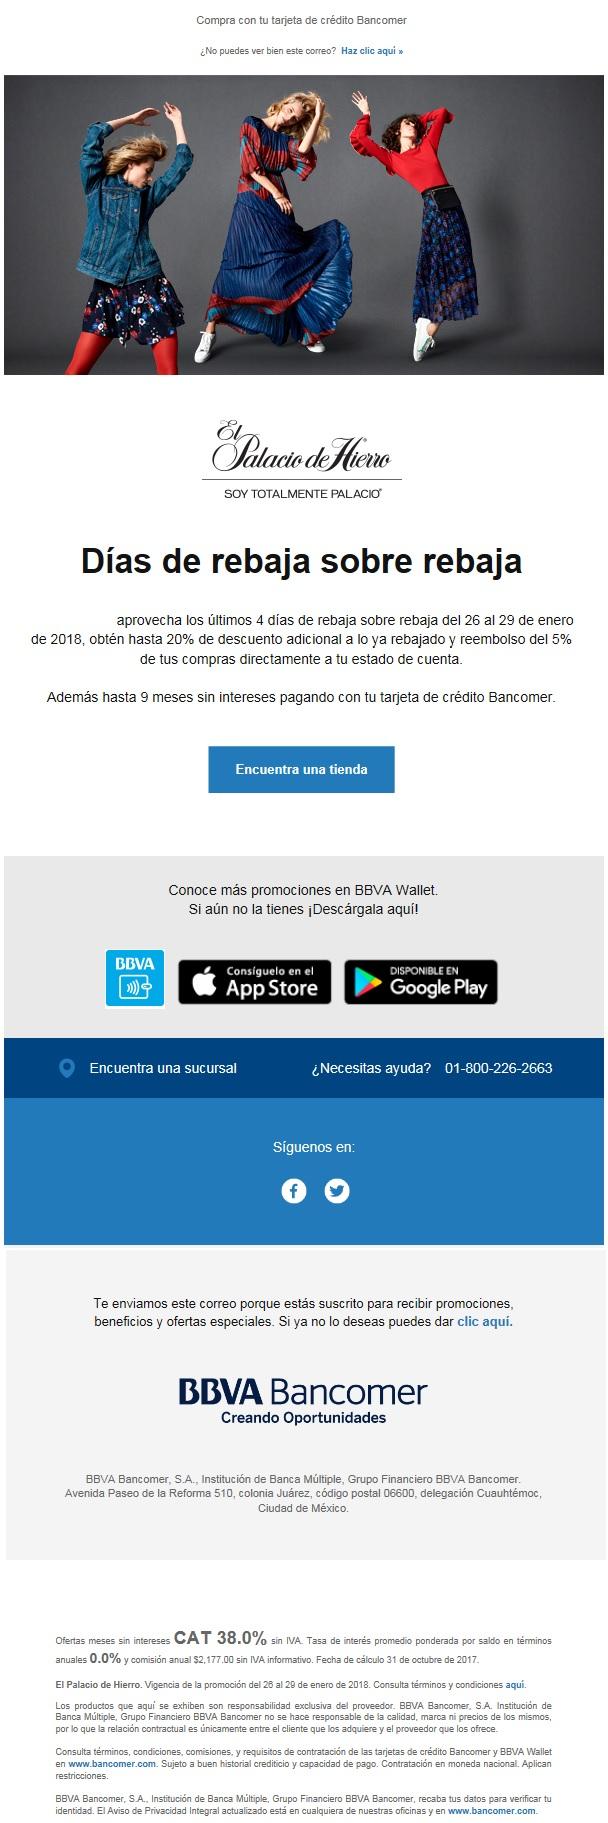 Bancomer: Reembolso del 5% ó 9 meses sin intereses con tarjetas Bancomer en Palacio de Hierro